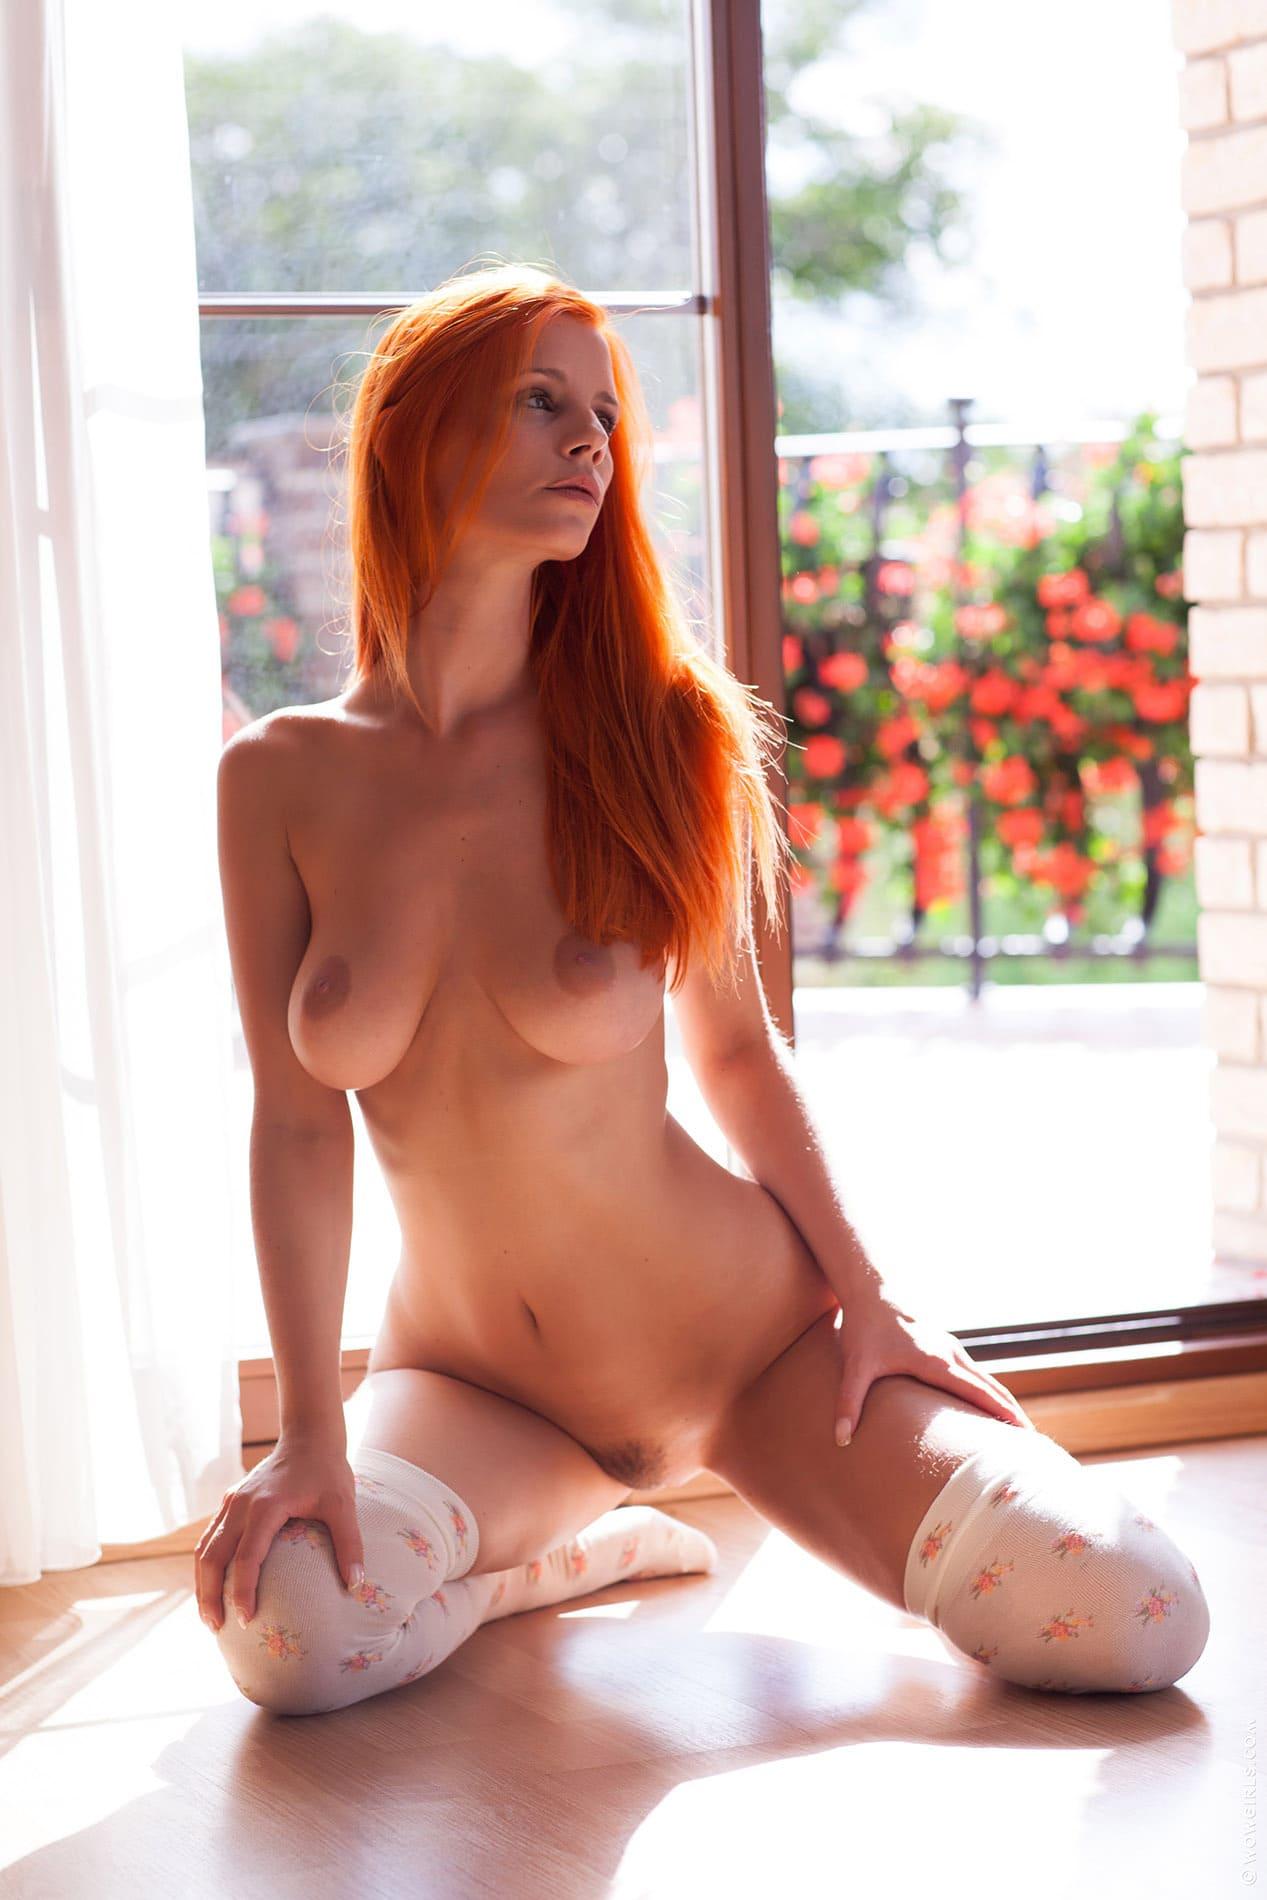 фото голых рыжих девушек на коленях сидит в белых чулках напротив стеклянной двери, интимная стрижка